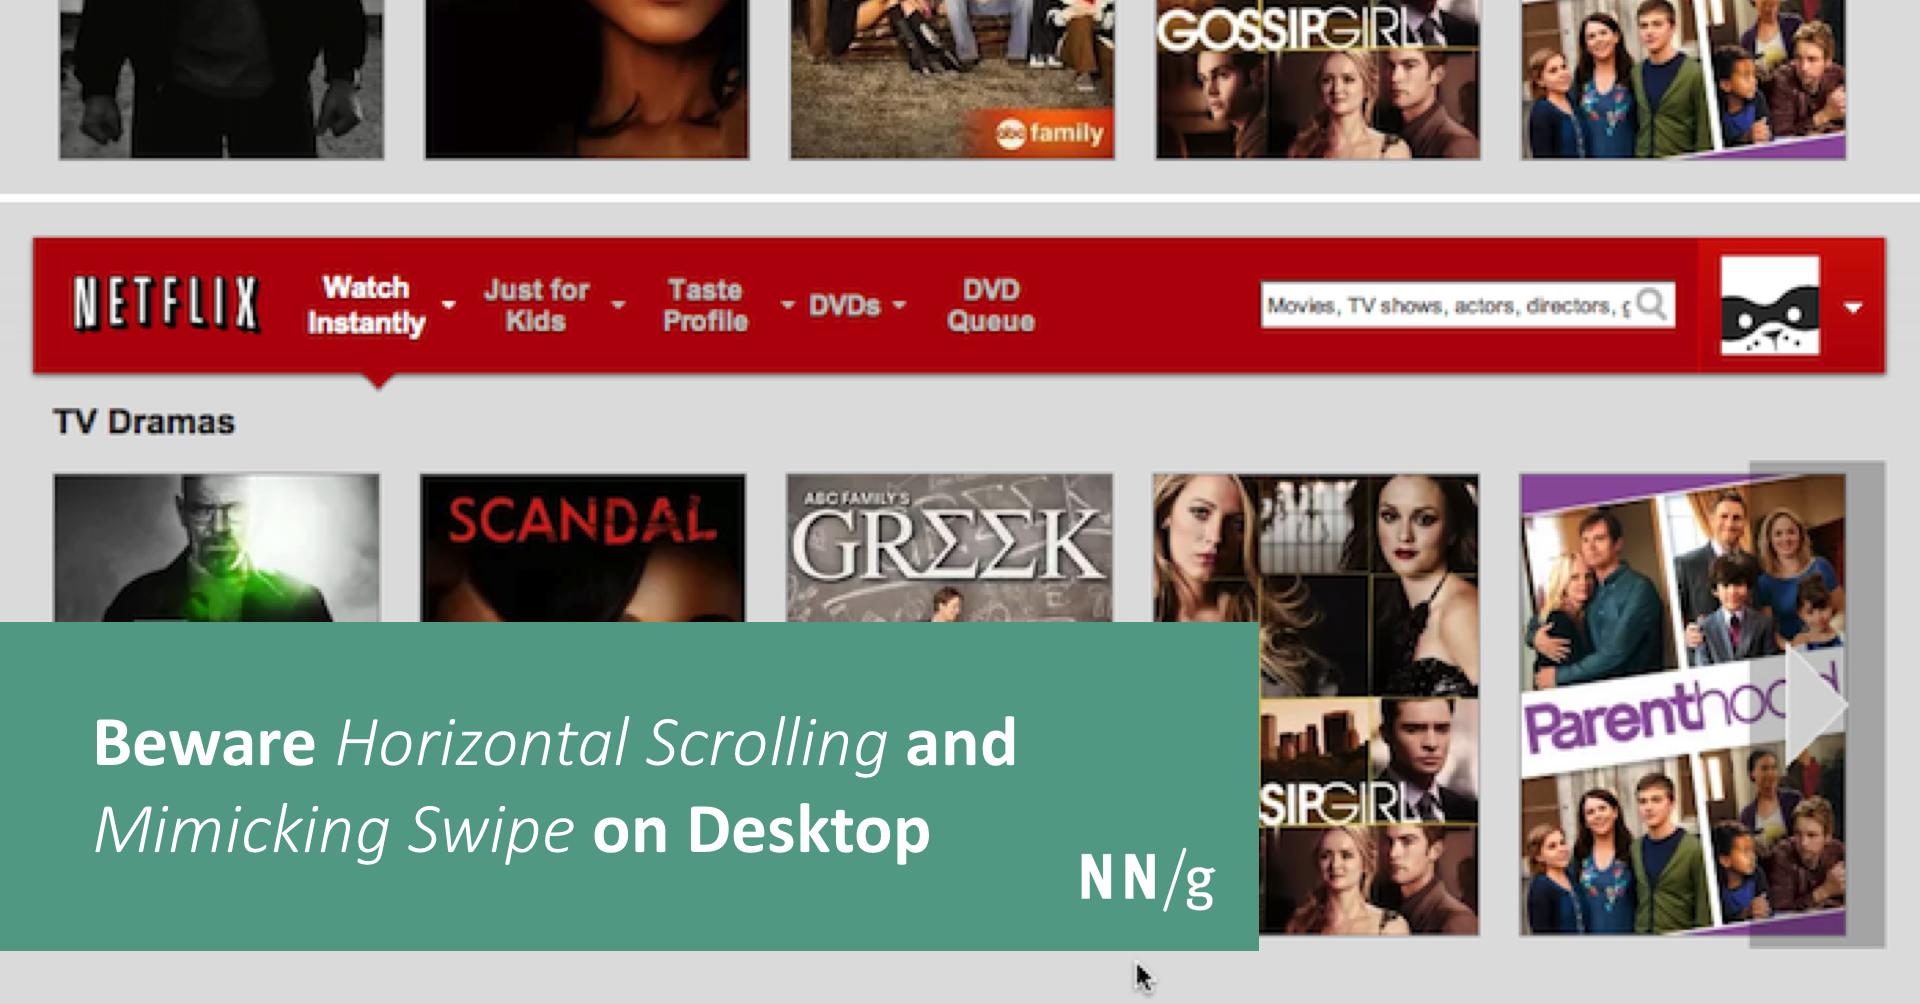 Beware Horizontal Scrolling and Mimicking Swipe on Desktop